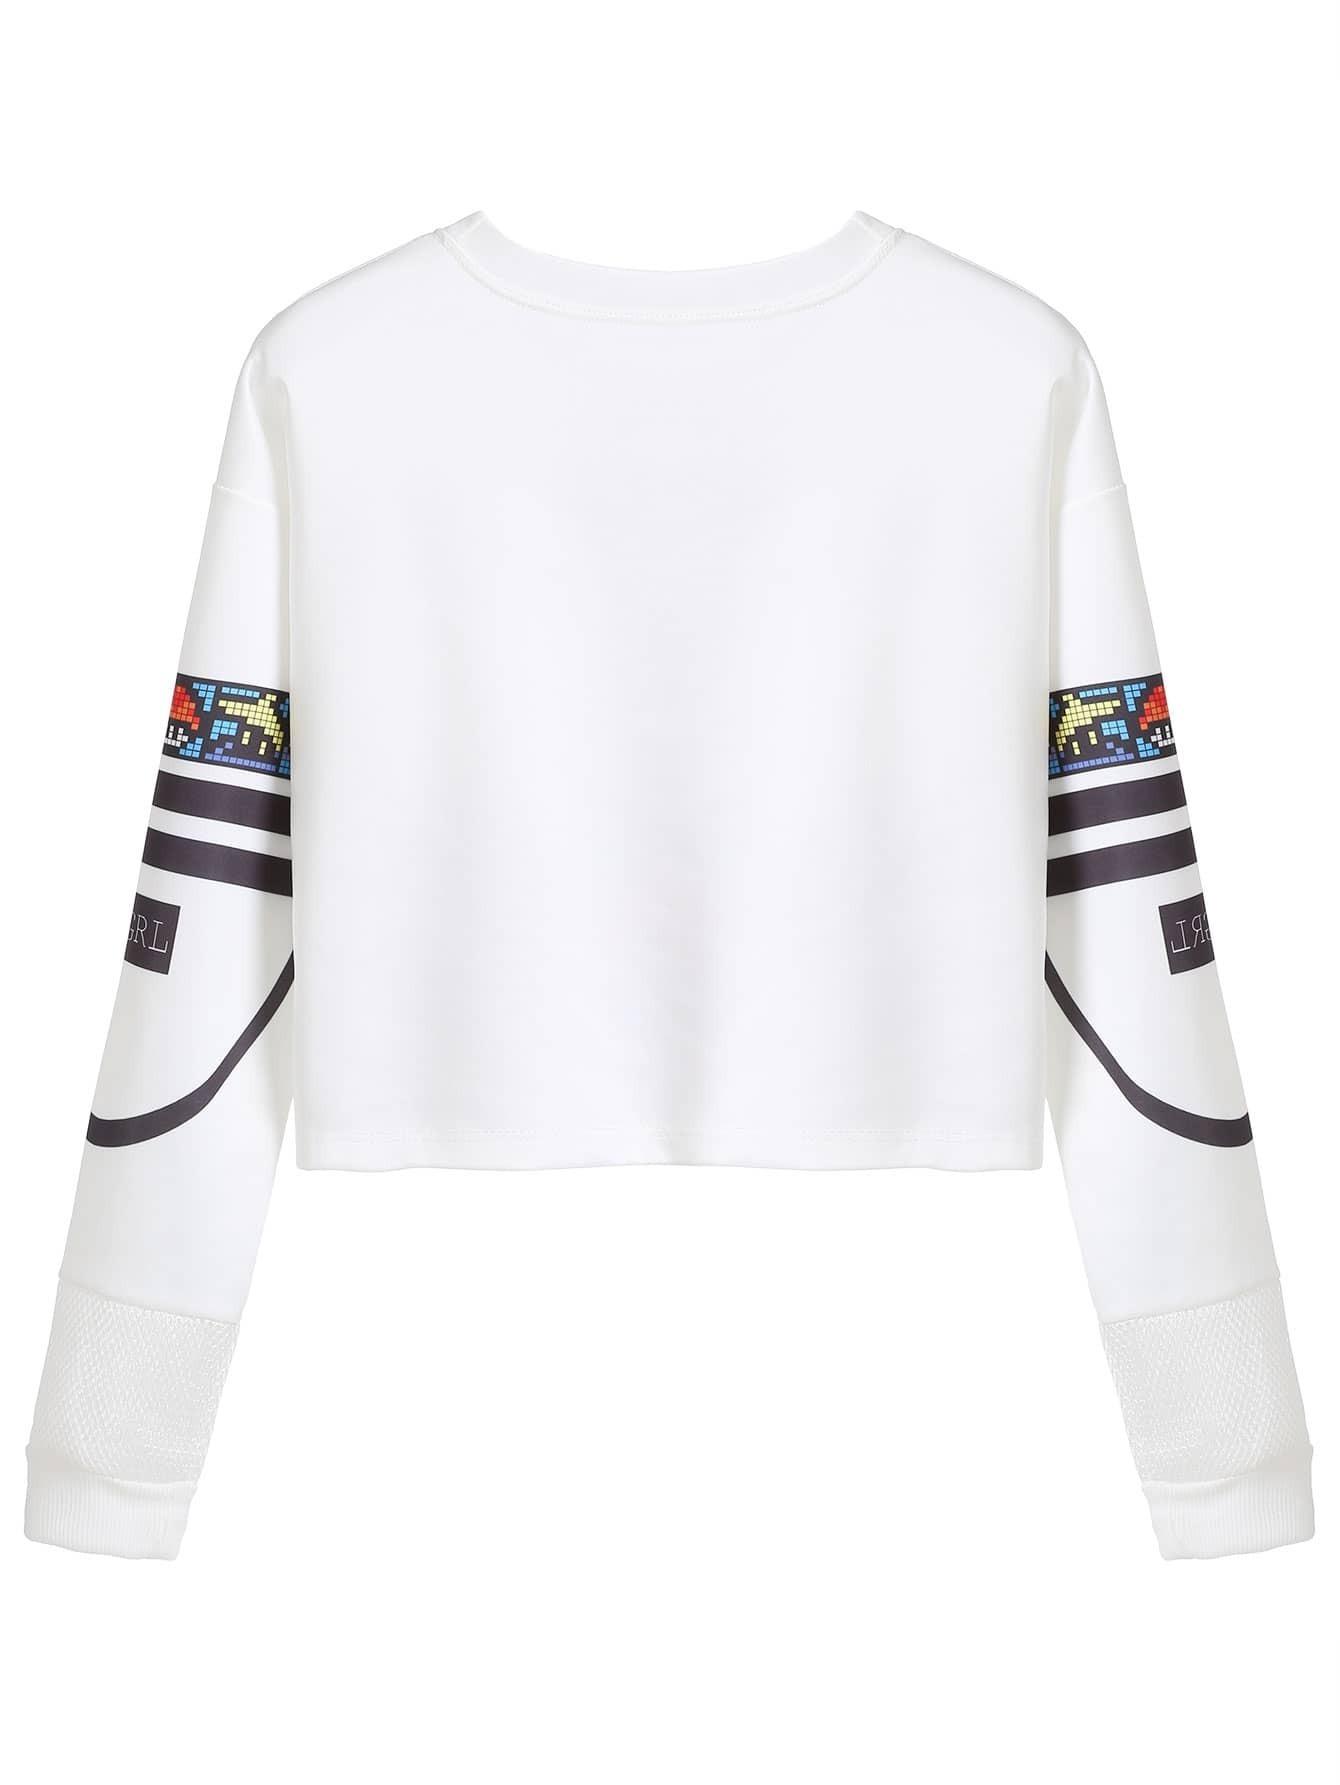 sweatshirt160825129_2